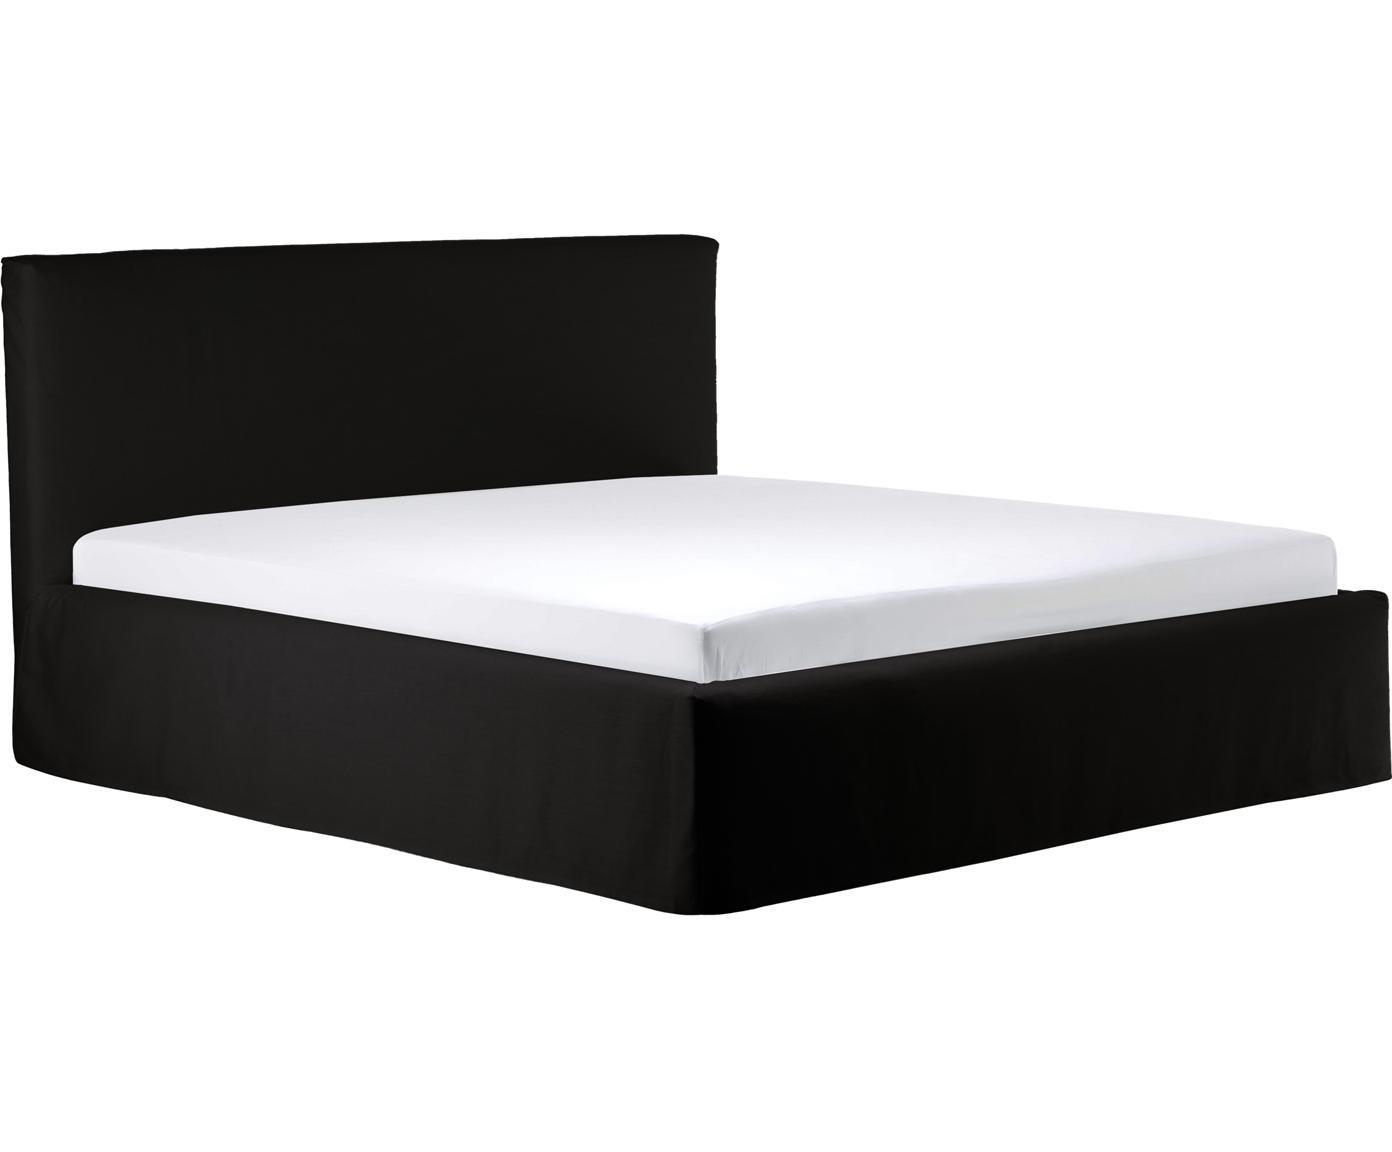 Łóżko tapicerowane ze schowkiem Feather, Korpus: lite drewno sosnowe, Tapicerka: poliester (materiał tekst, Antracytowy, 140 x 200 cm